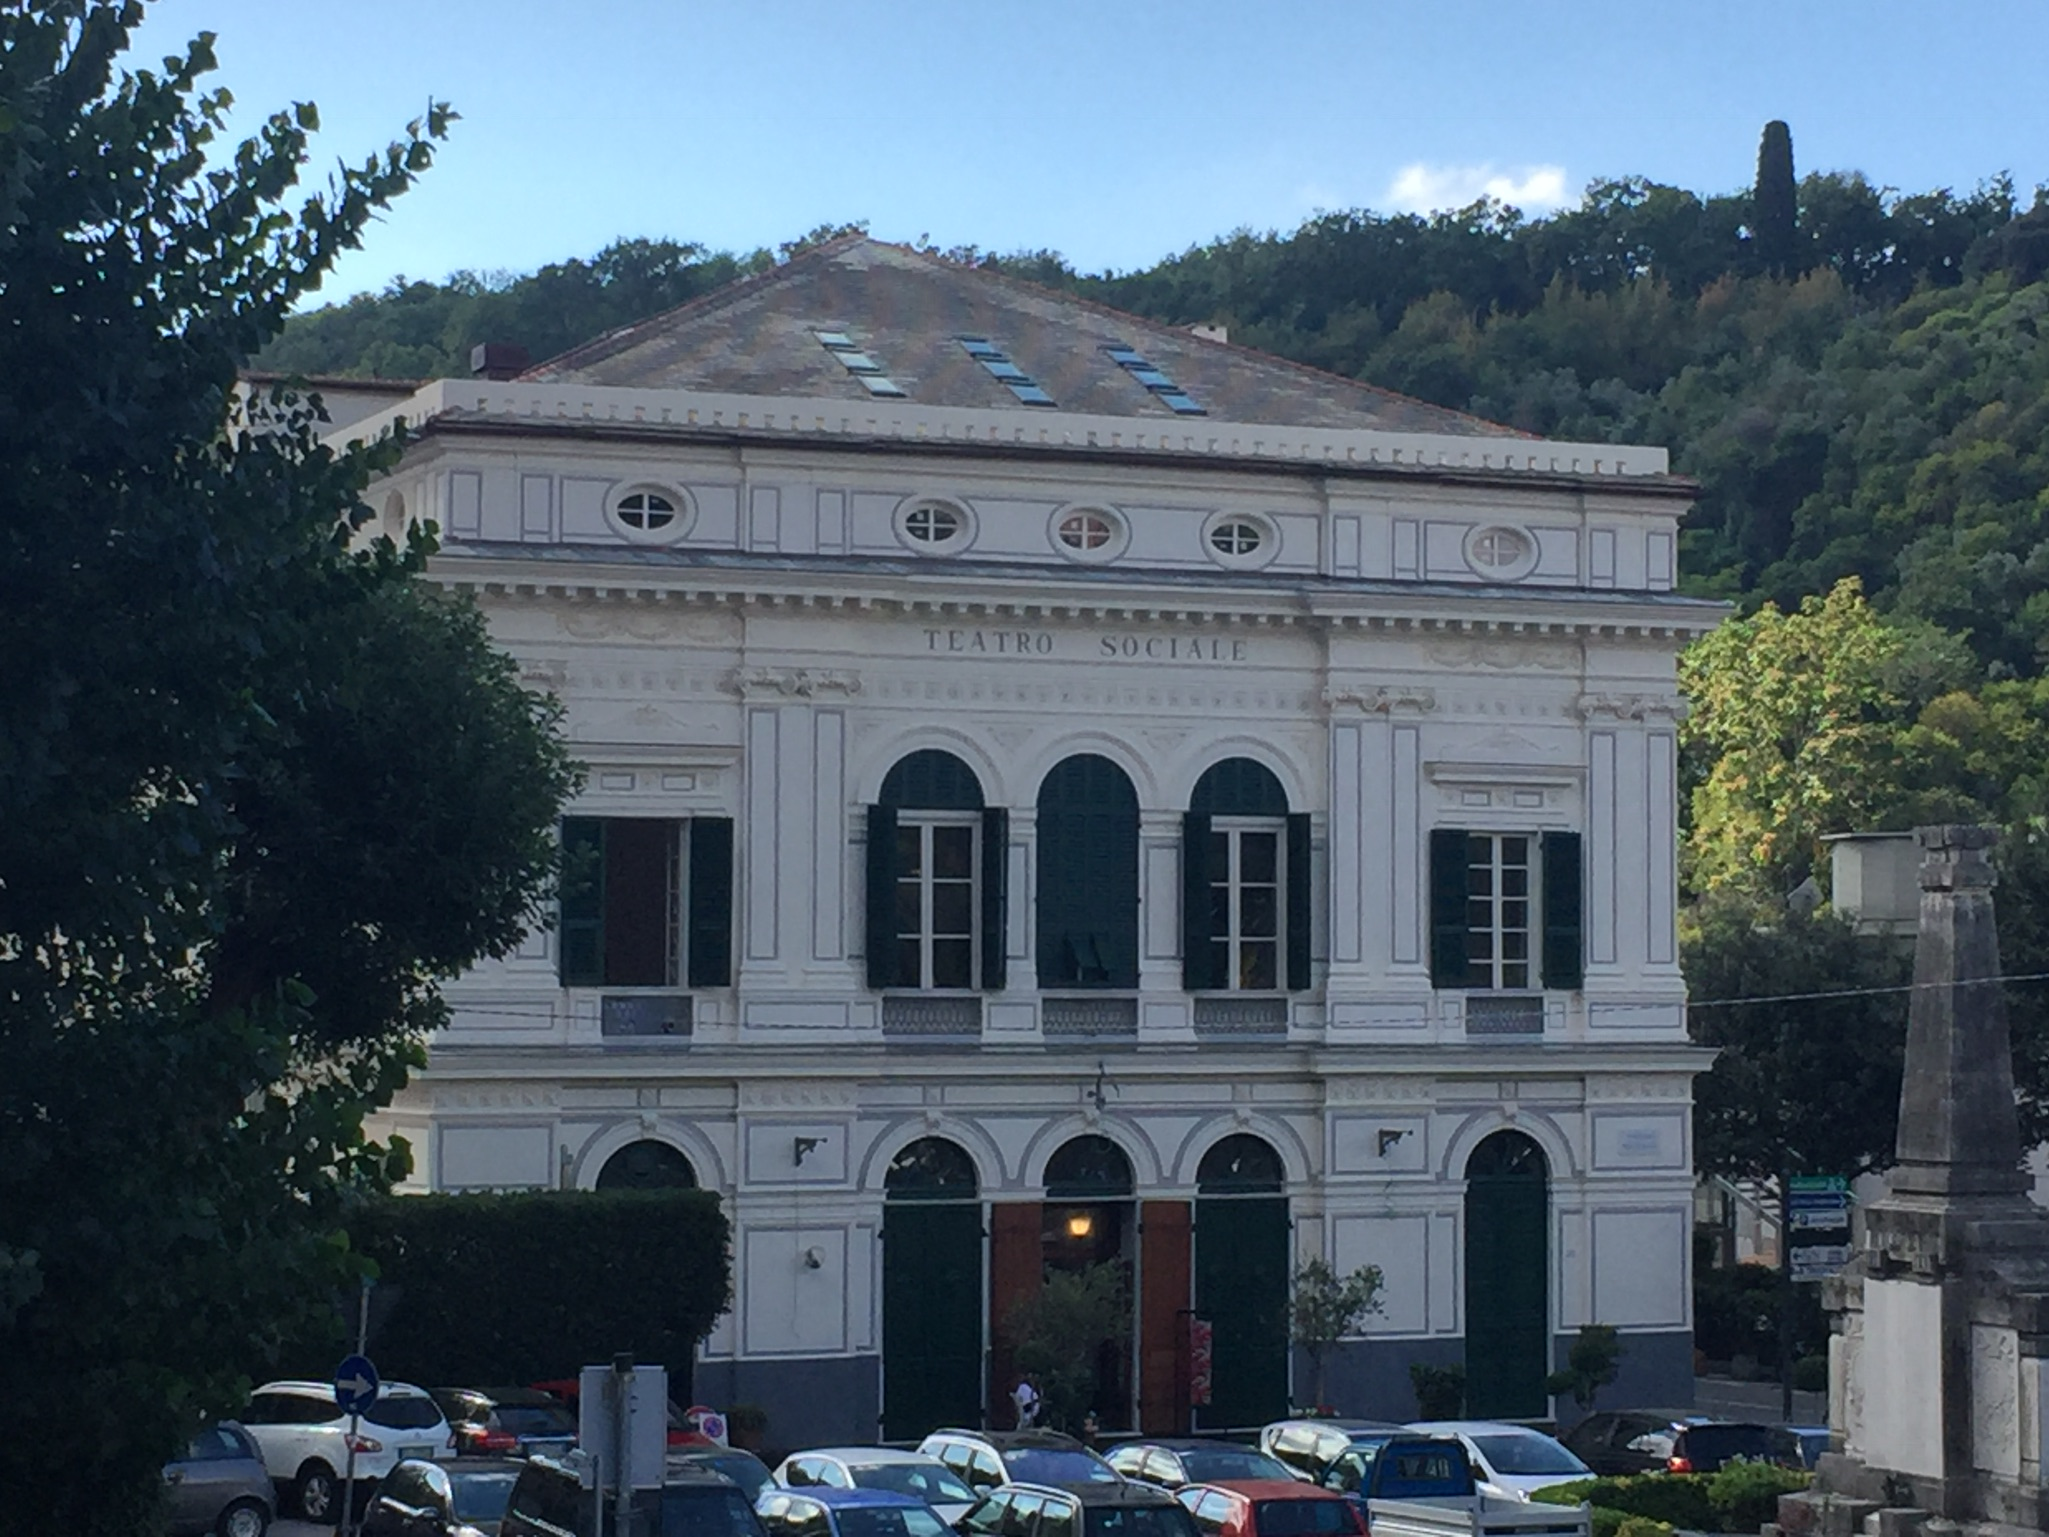 Pavimento In Terrazzo Alla Veneziana terrazzo alla veneziana per il teatro sociale di camogli | kimia